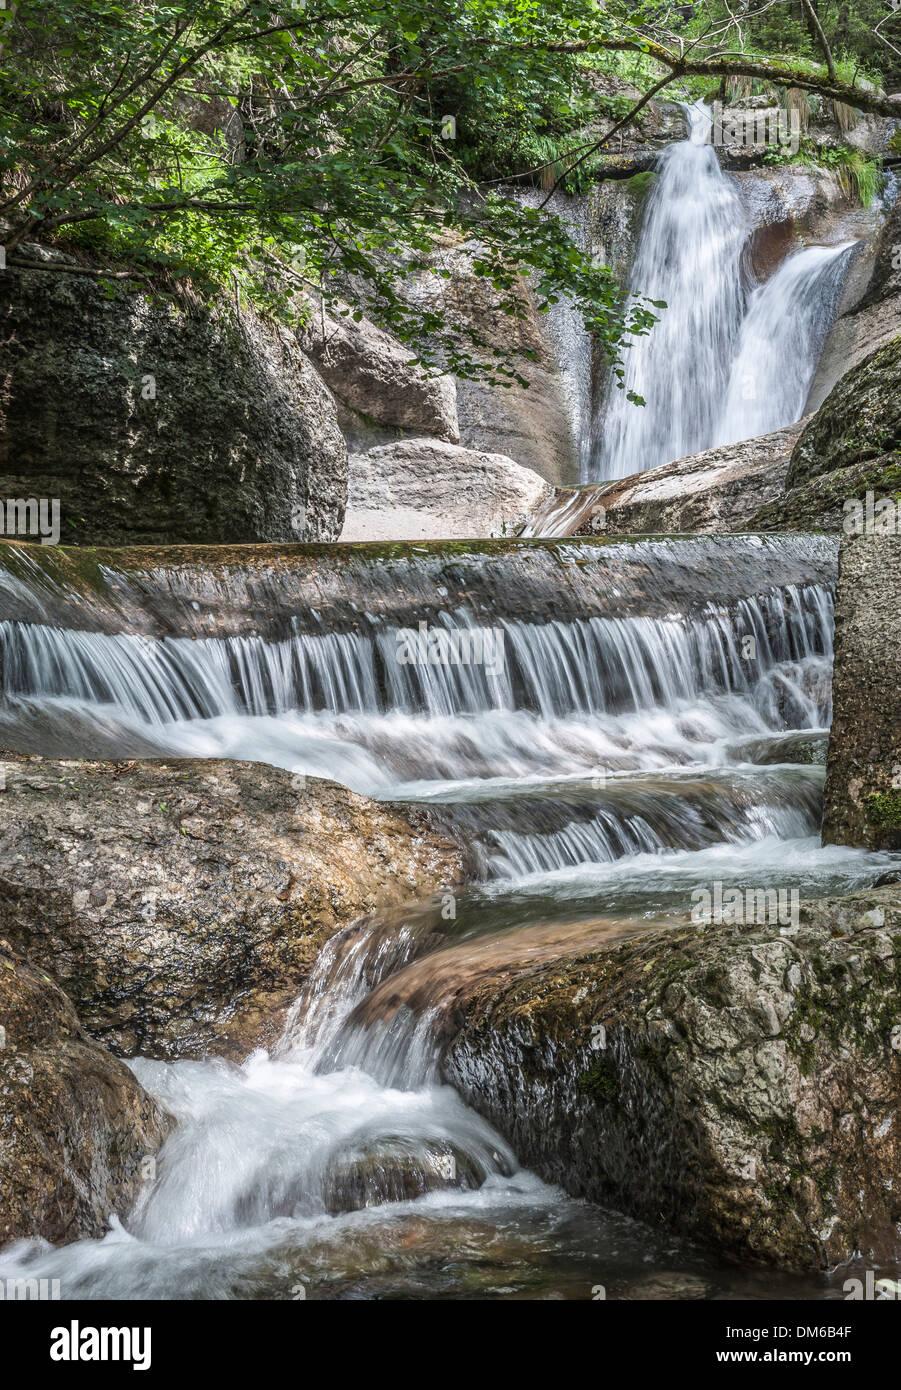 Ruscello di montagna cascading su roccia, Alpi, Canale d'Agordo, Veneto, Italia Foto Stock